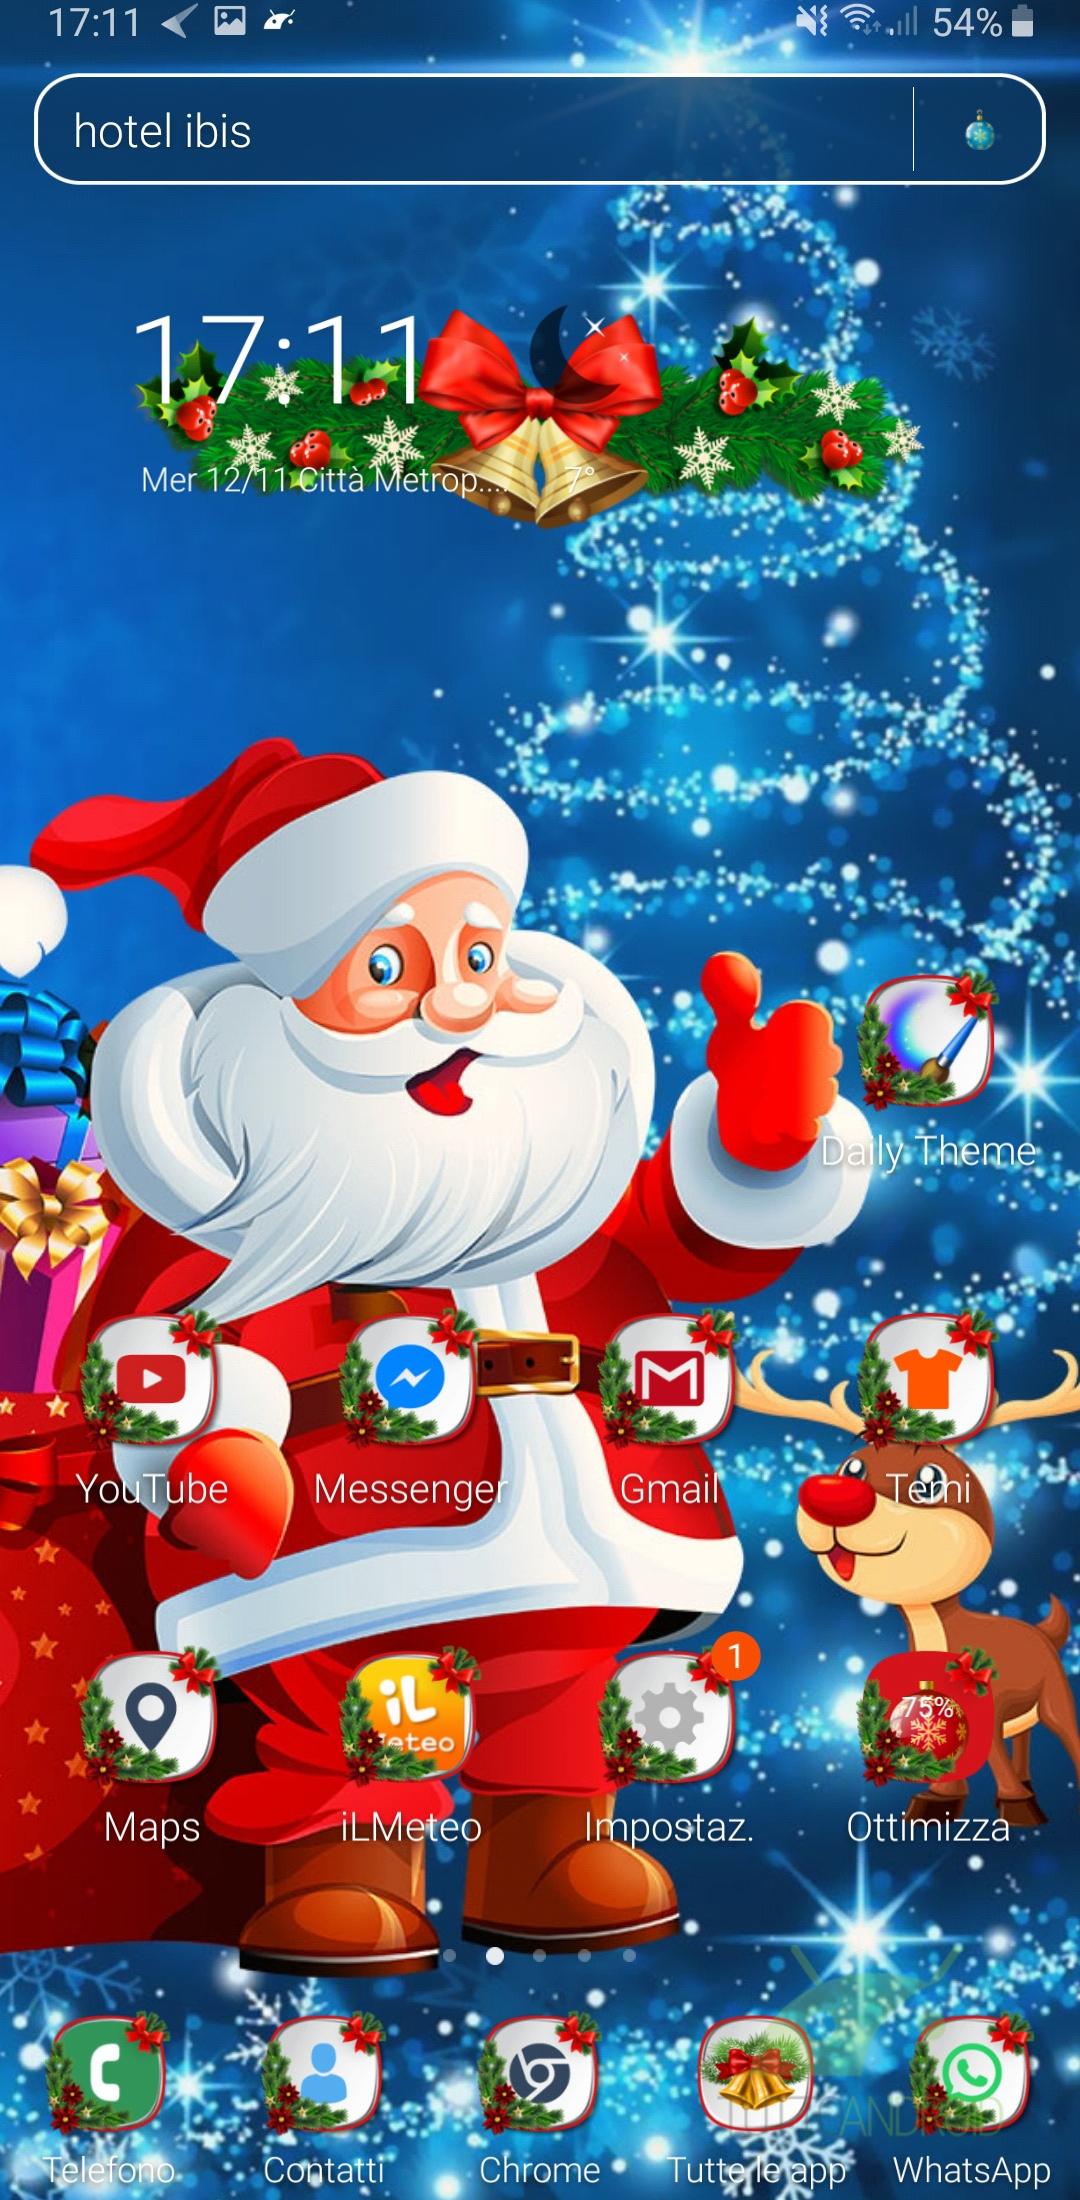 Sfondi Babbo Natale.Trasformate Lo Smartphone In Una Festa Di Natale Con Queste 6 App